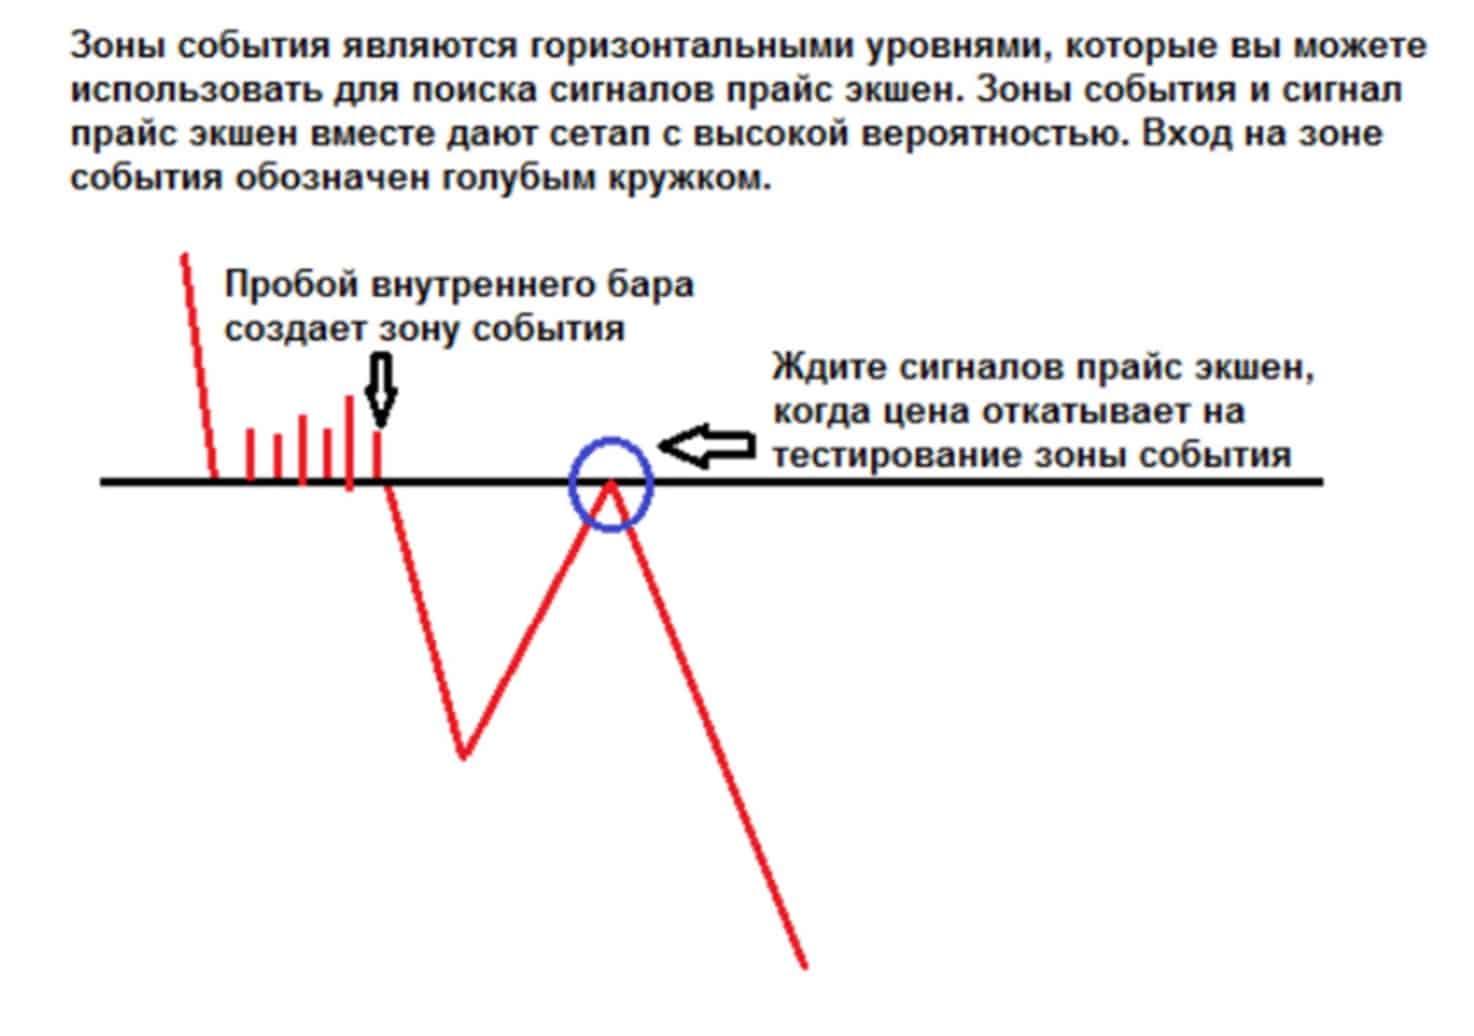 levels 03 Горизонтальные уровни и сигналы прайс экшен